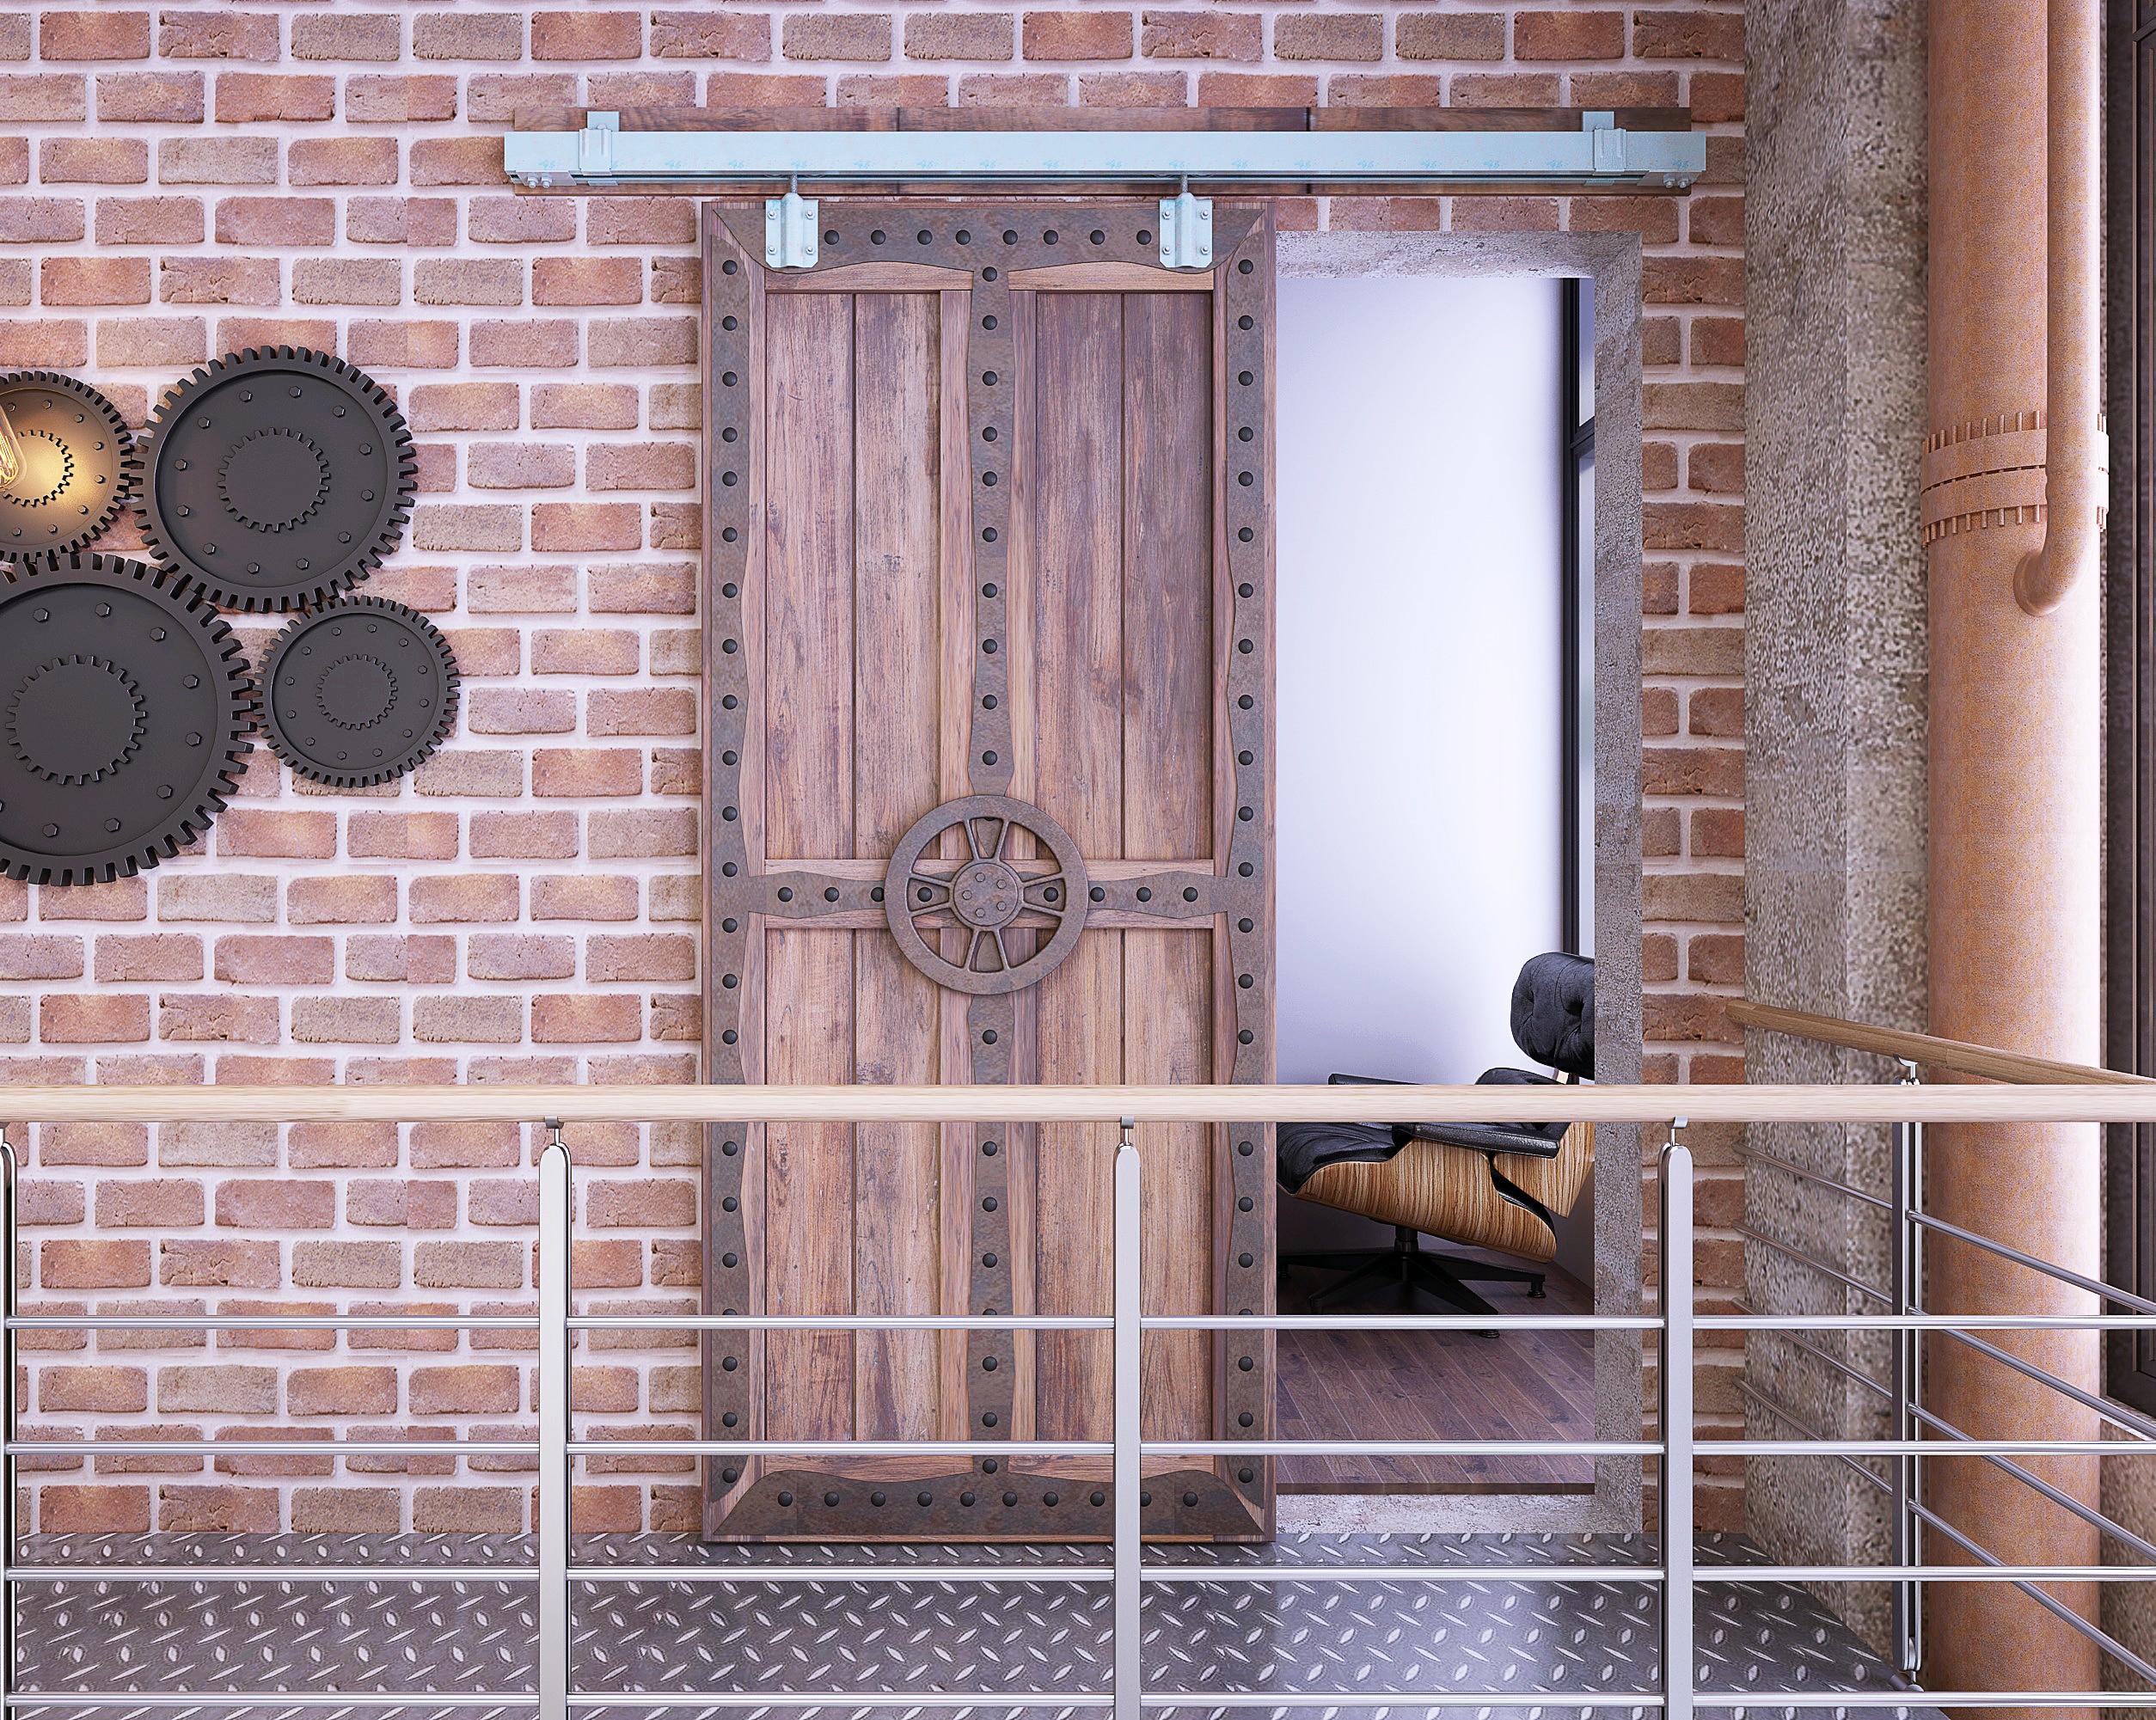 DIYHD matière première galvanisé boîte en argent piste grange porte porte intérieure piste Harddware pour porte de grange extérieure